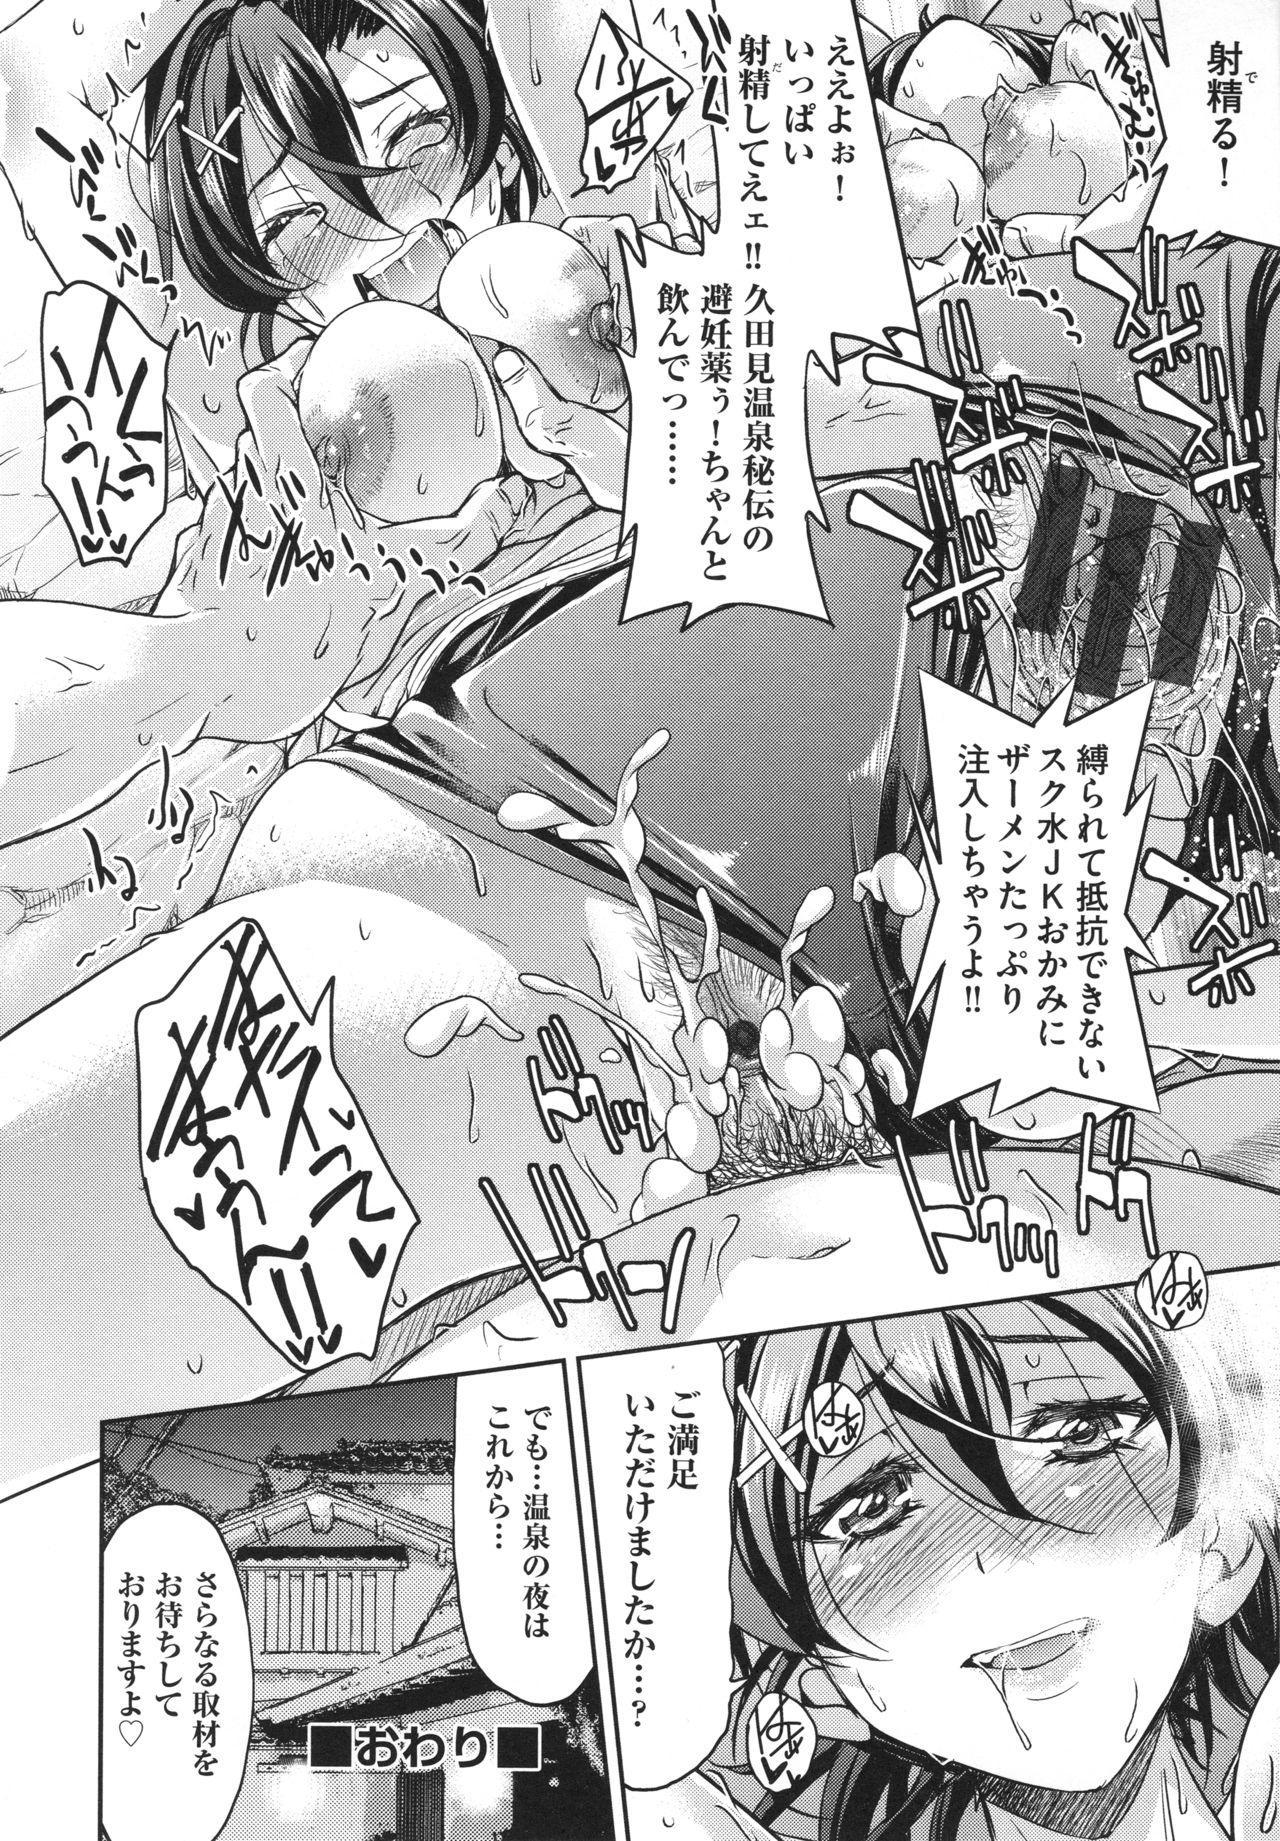 Akogare no Senpai o Shibatte Nigerarenaku Shite XXX. 129